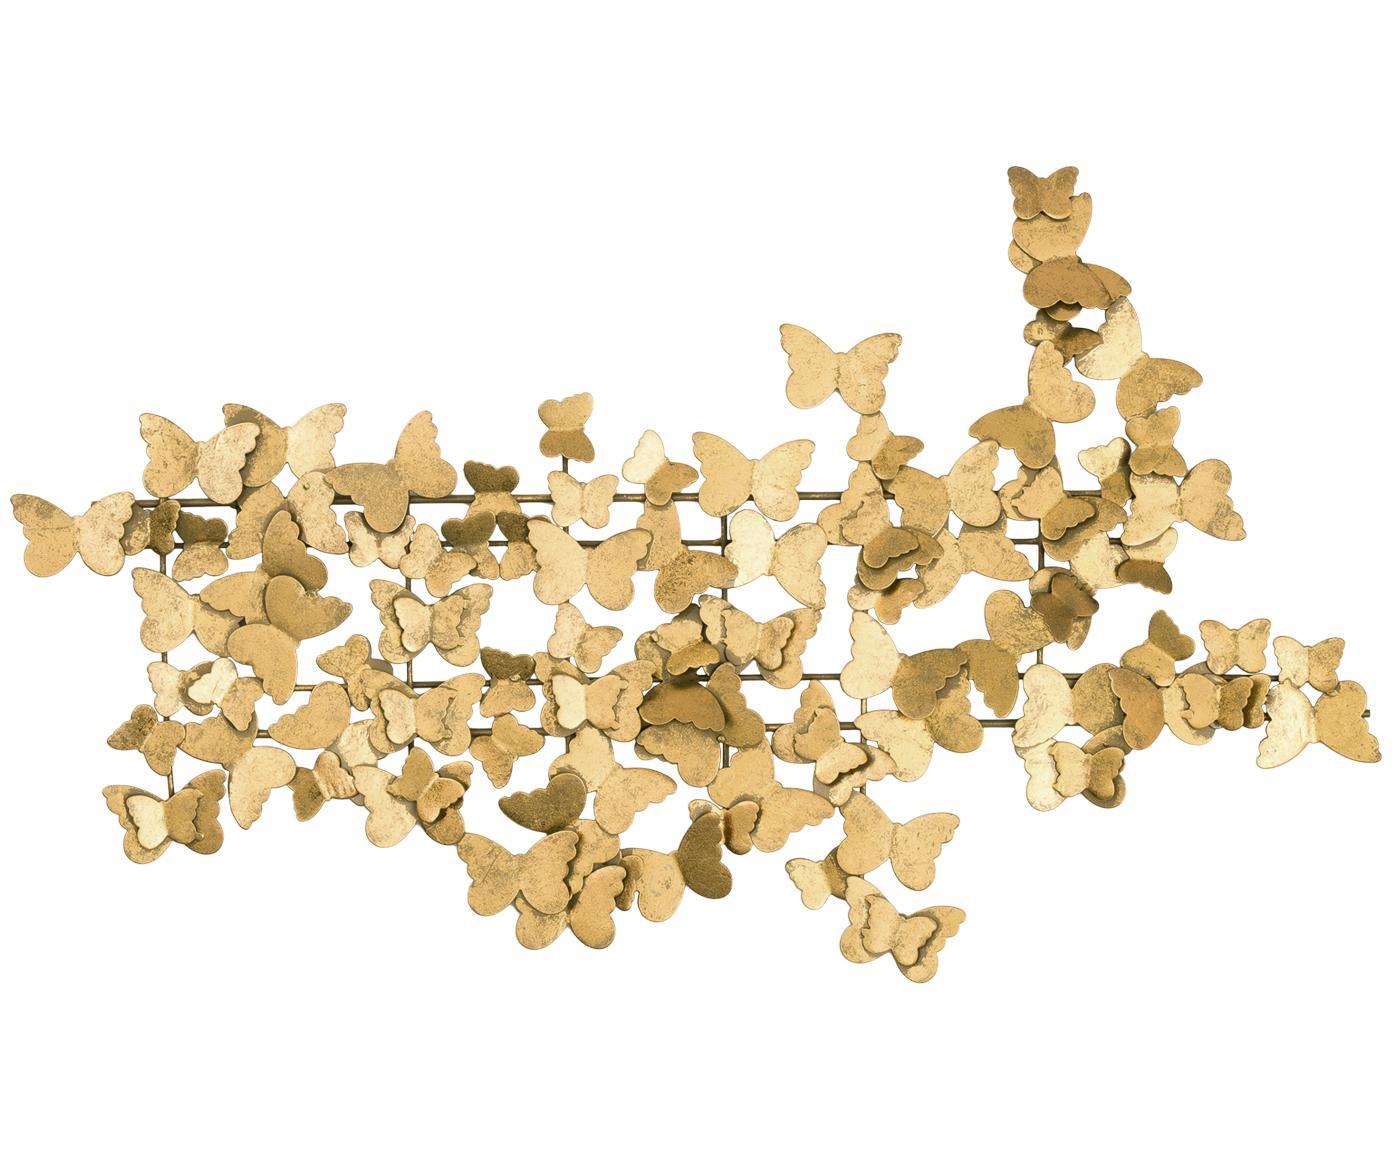 Wandobjekt Butterfly aus Metall, Metall, Goldfarben, 104 x 62 cm